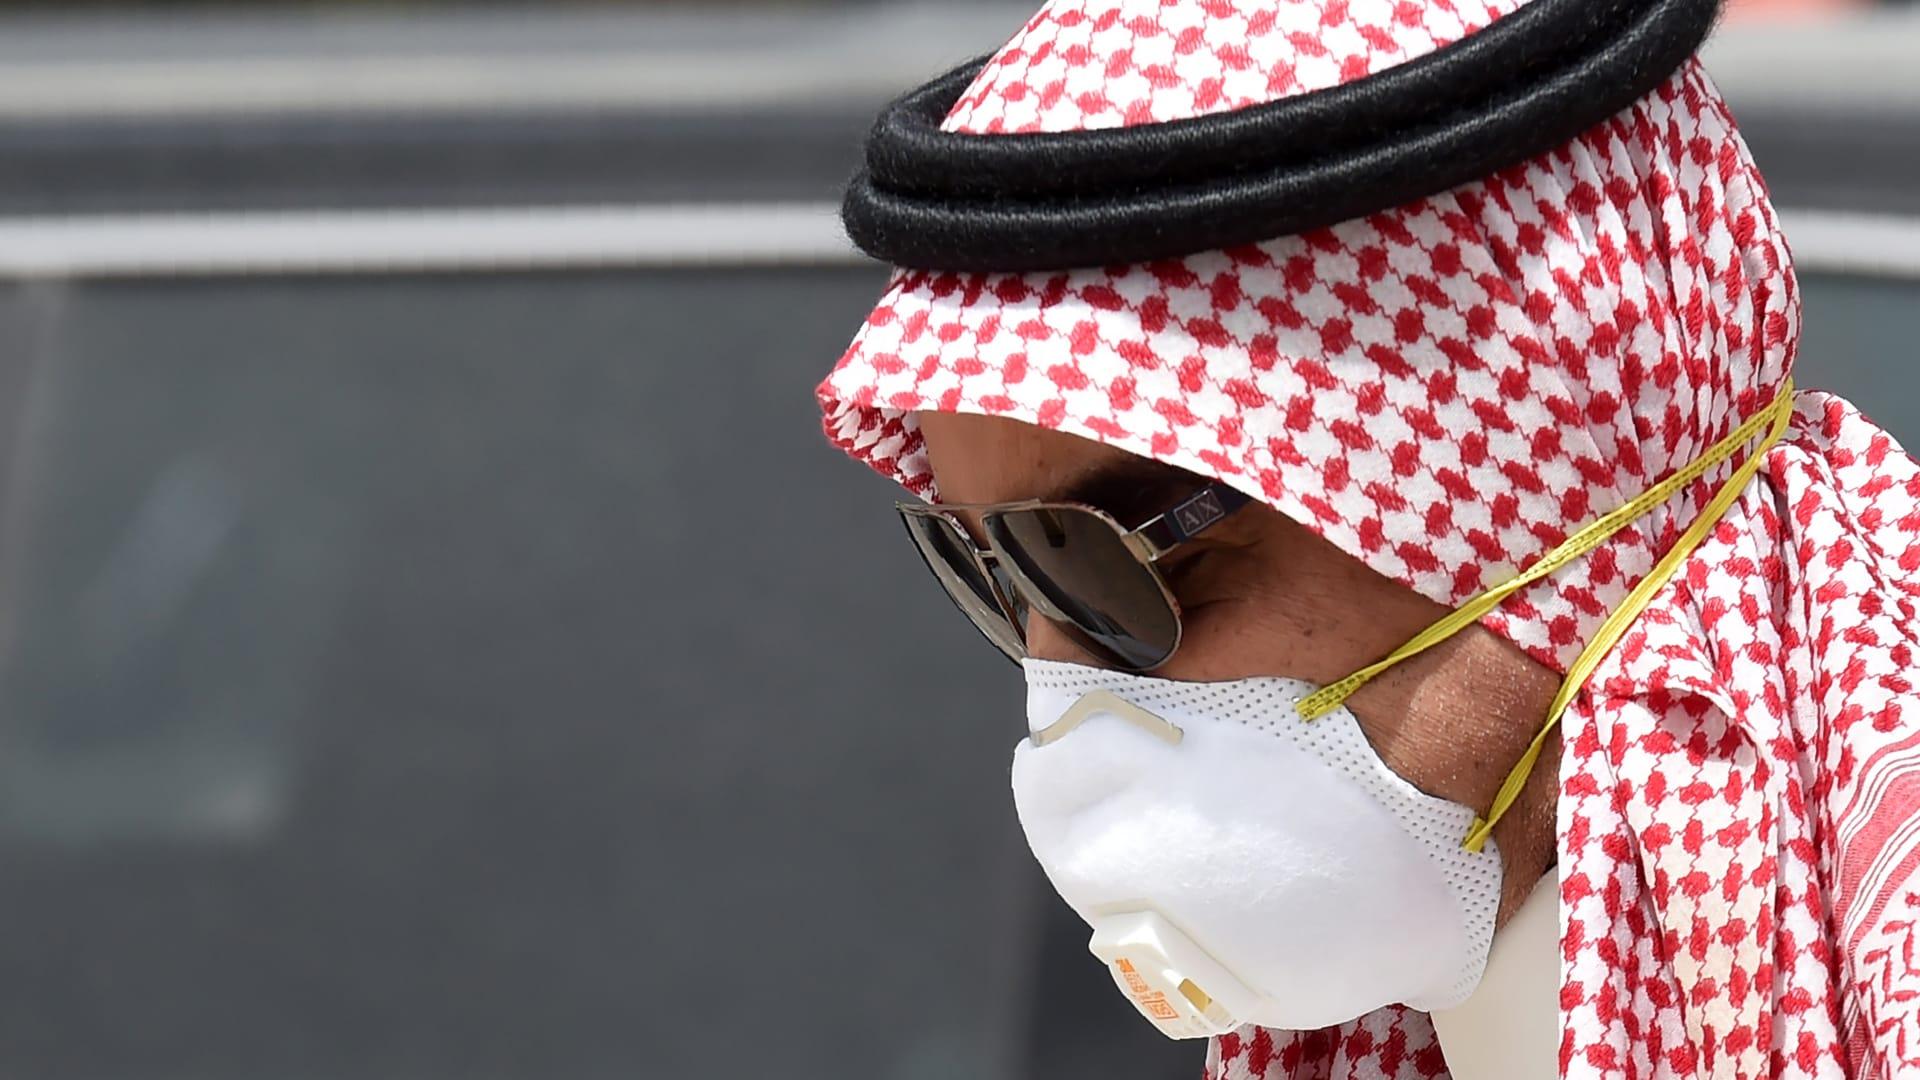 وفاة طاه شهير بعد تشخيصه بفيروس كورونا المستجد